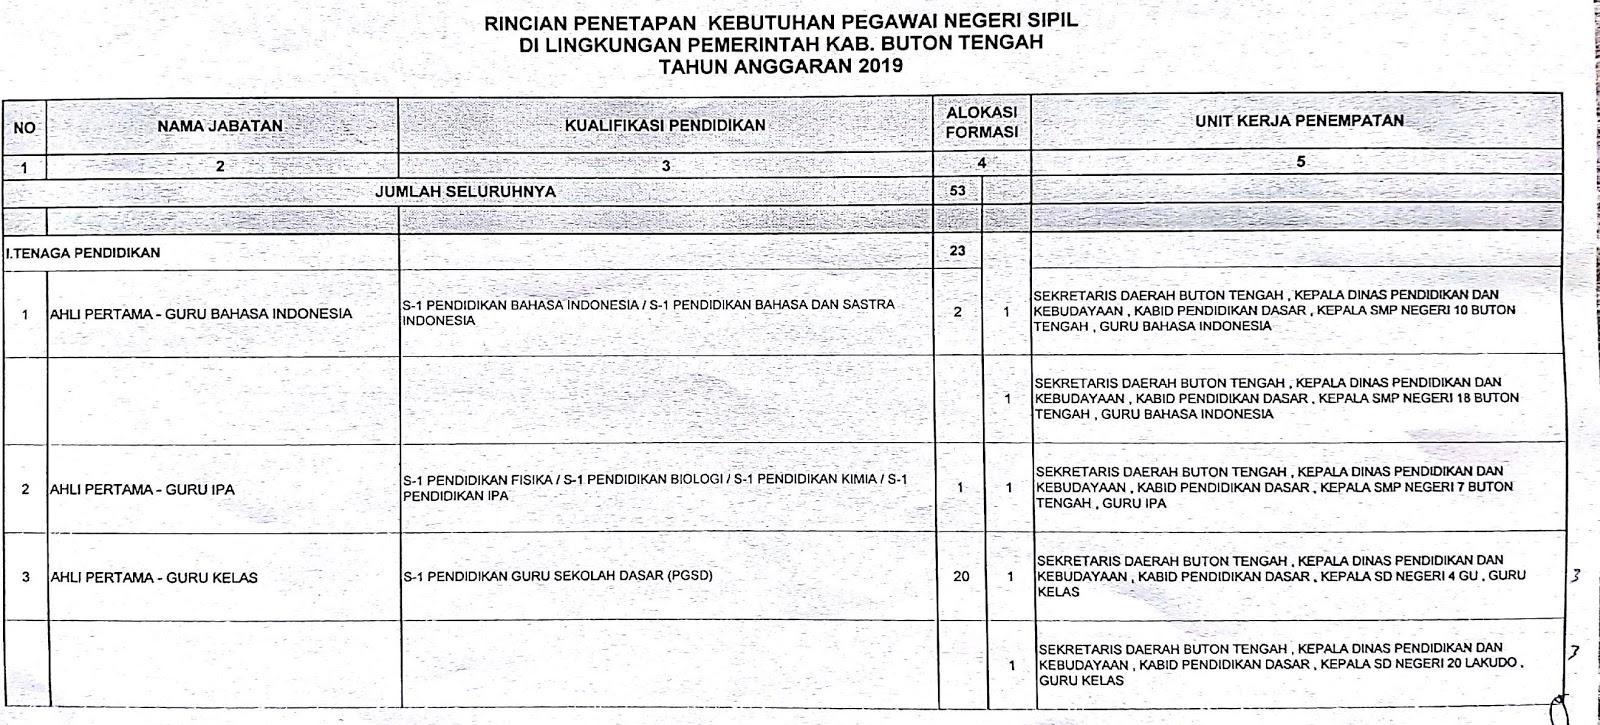 Download Formasi CPNS Kabupaten Buton Tengah Provinsi Sulawesi Tenggara Tahun 2019